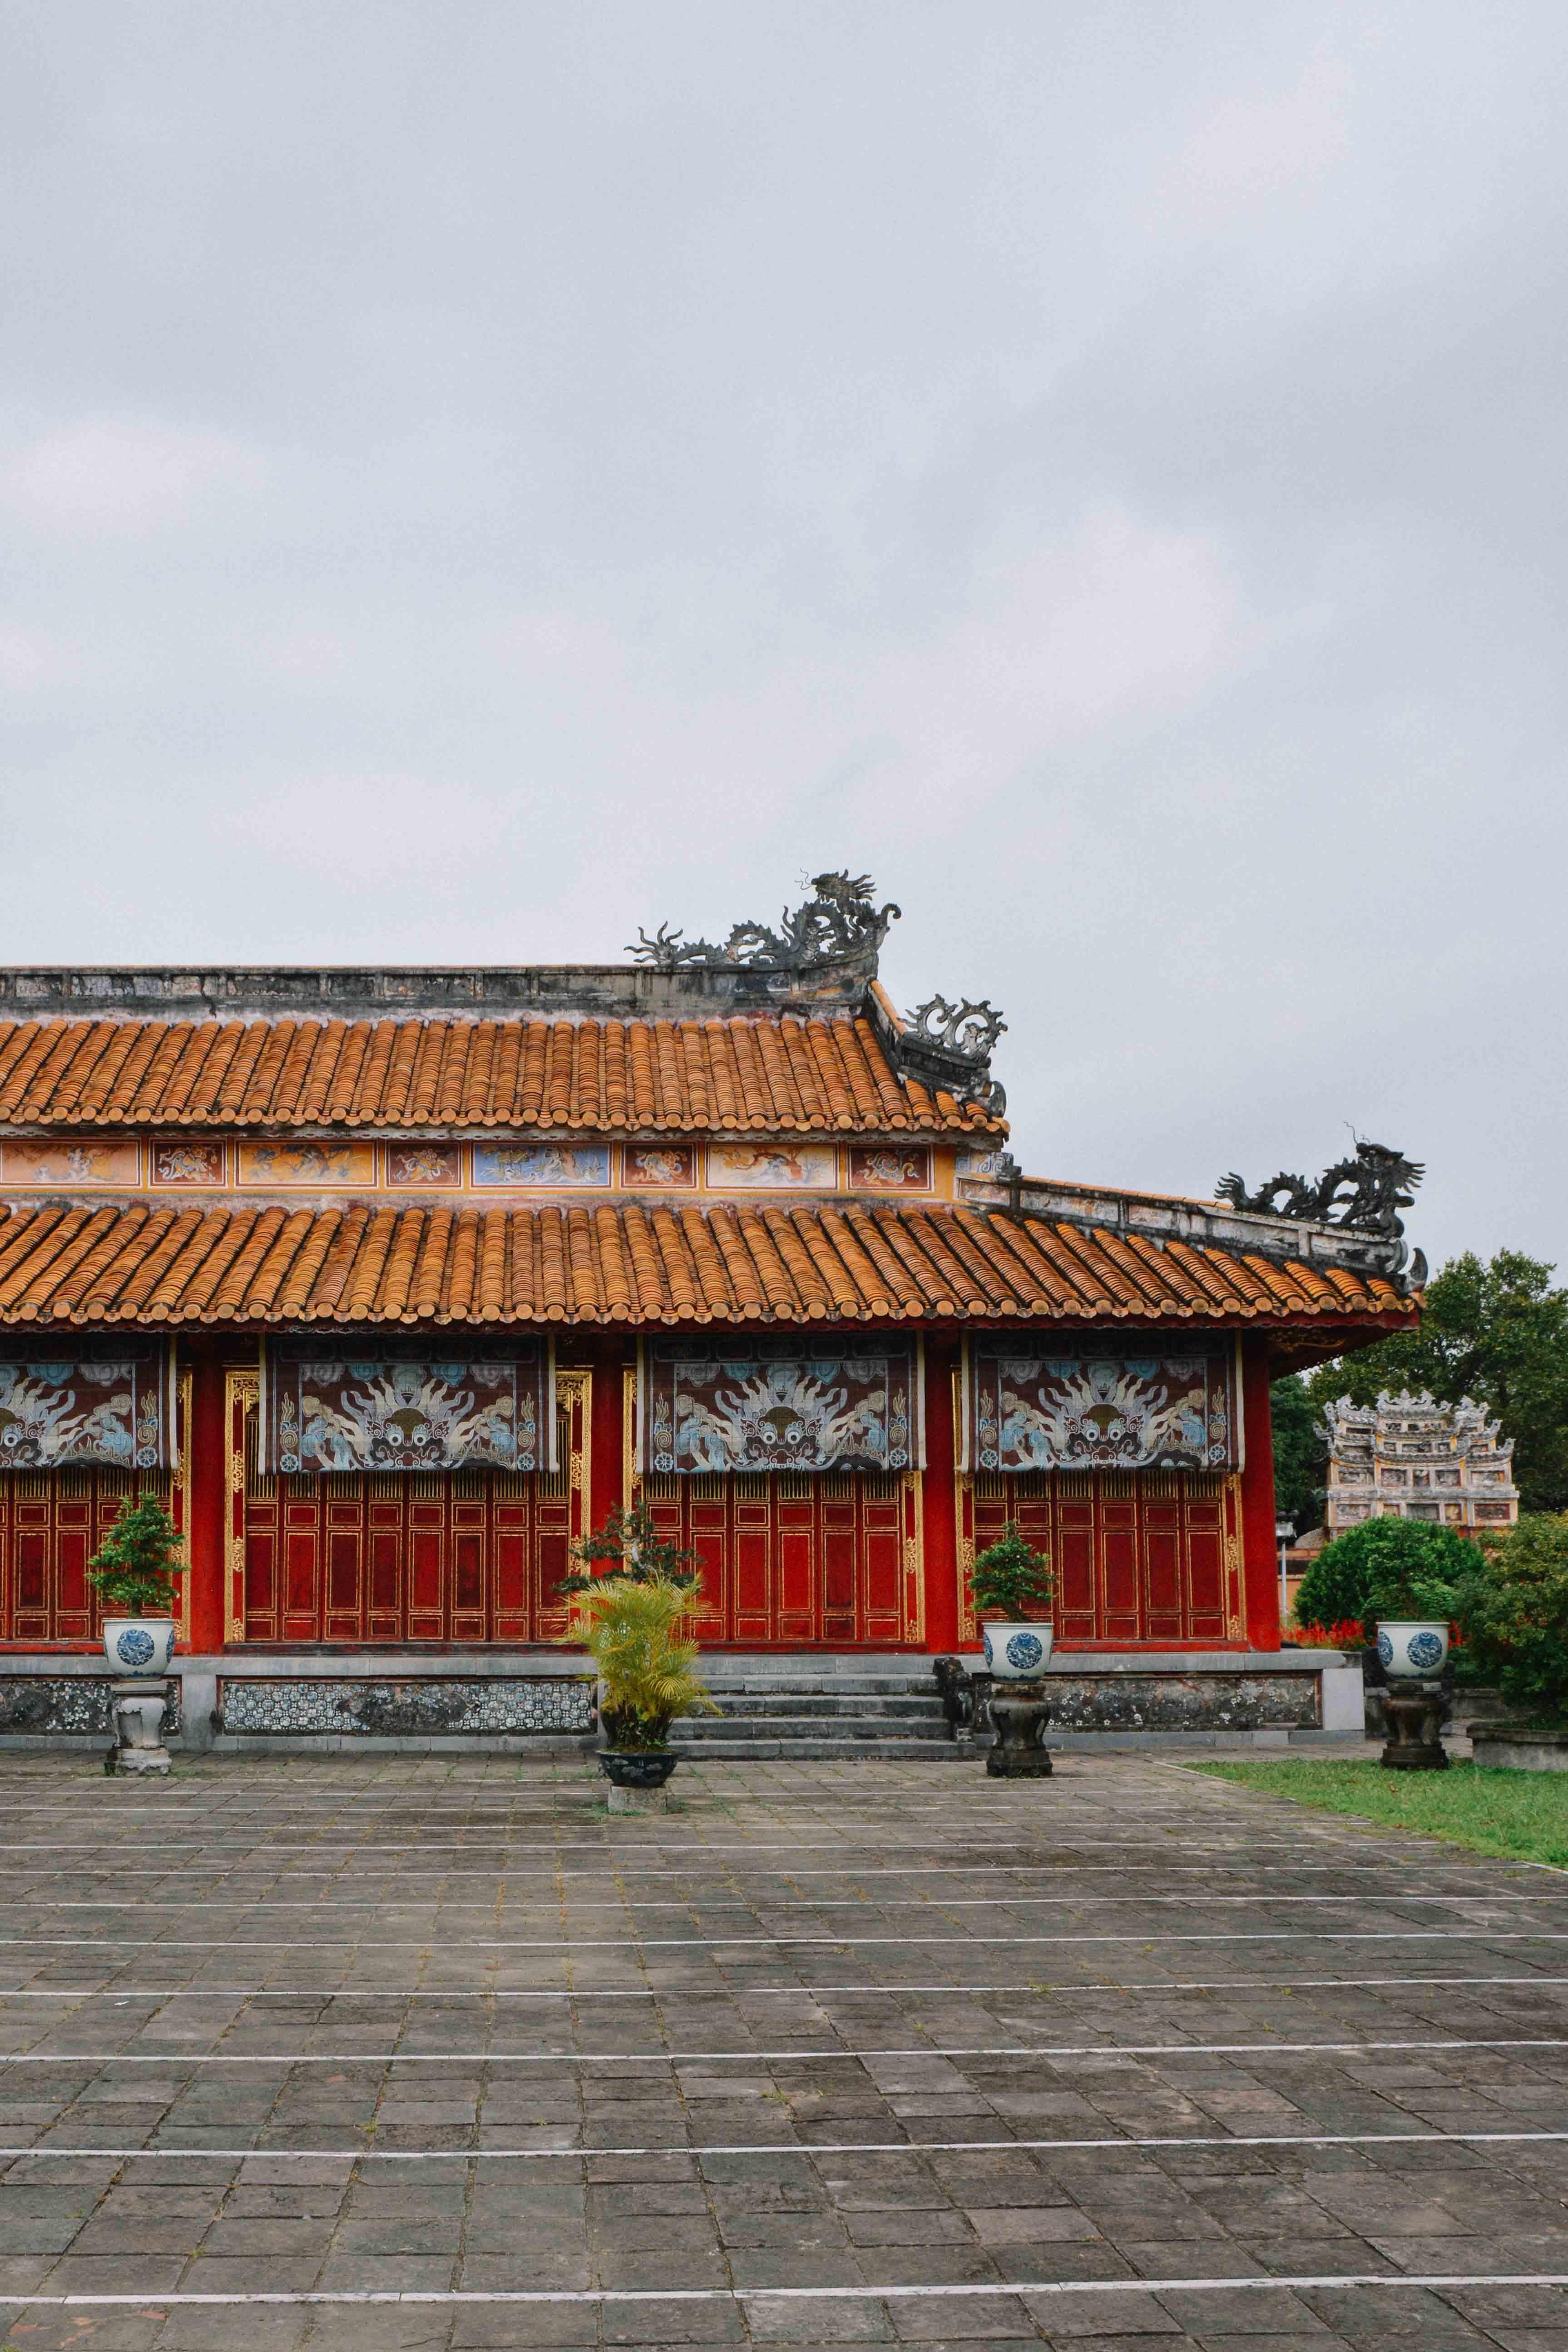 la cité impériale de Hué au Vietnam